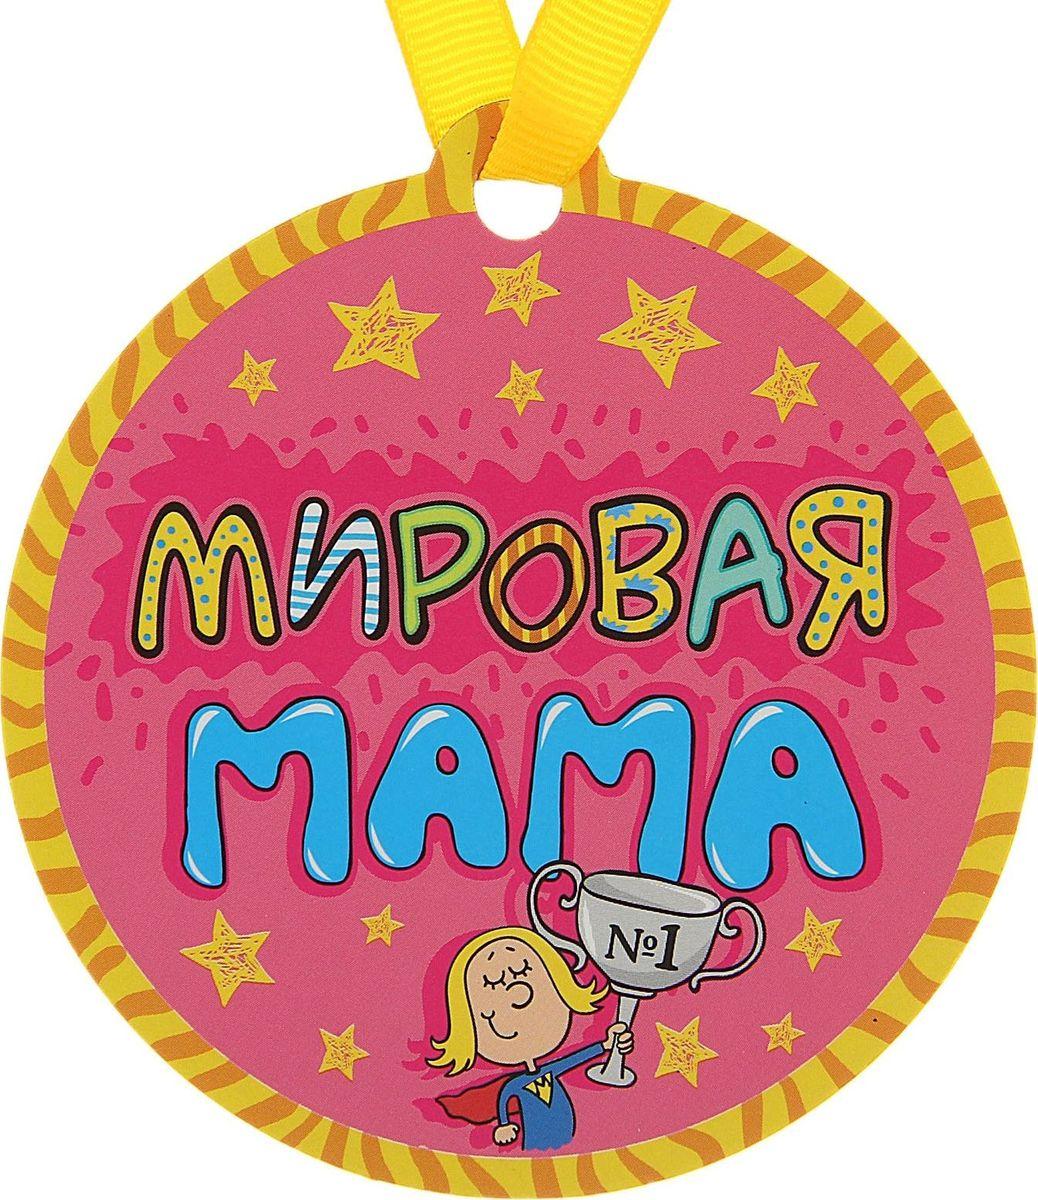 Медаль-магнит сувенирная Мировая мама, диаметр 8,5 см122975Медаль на магните Мировая мама – веселая и оригинальная вещица, которая понравится любому. Это отличное приобретение для вас и замечательный подарок для ваших близких, друзей и знакомых. Идет в комплекте с лентой.